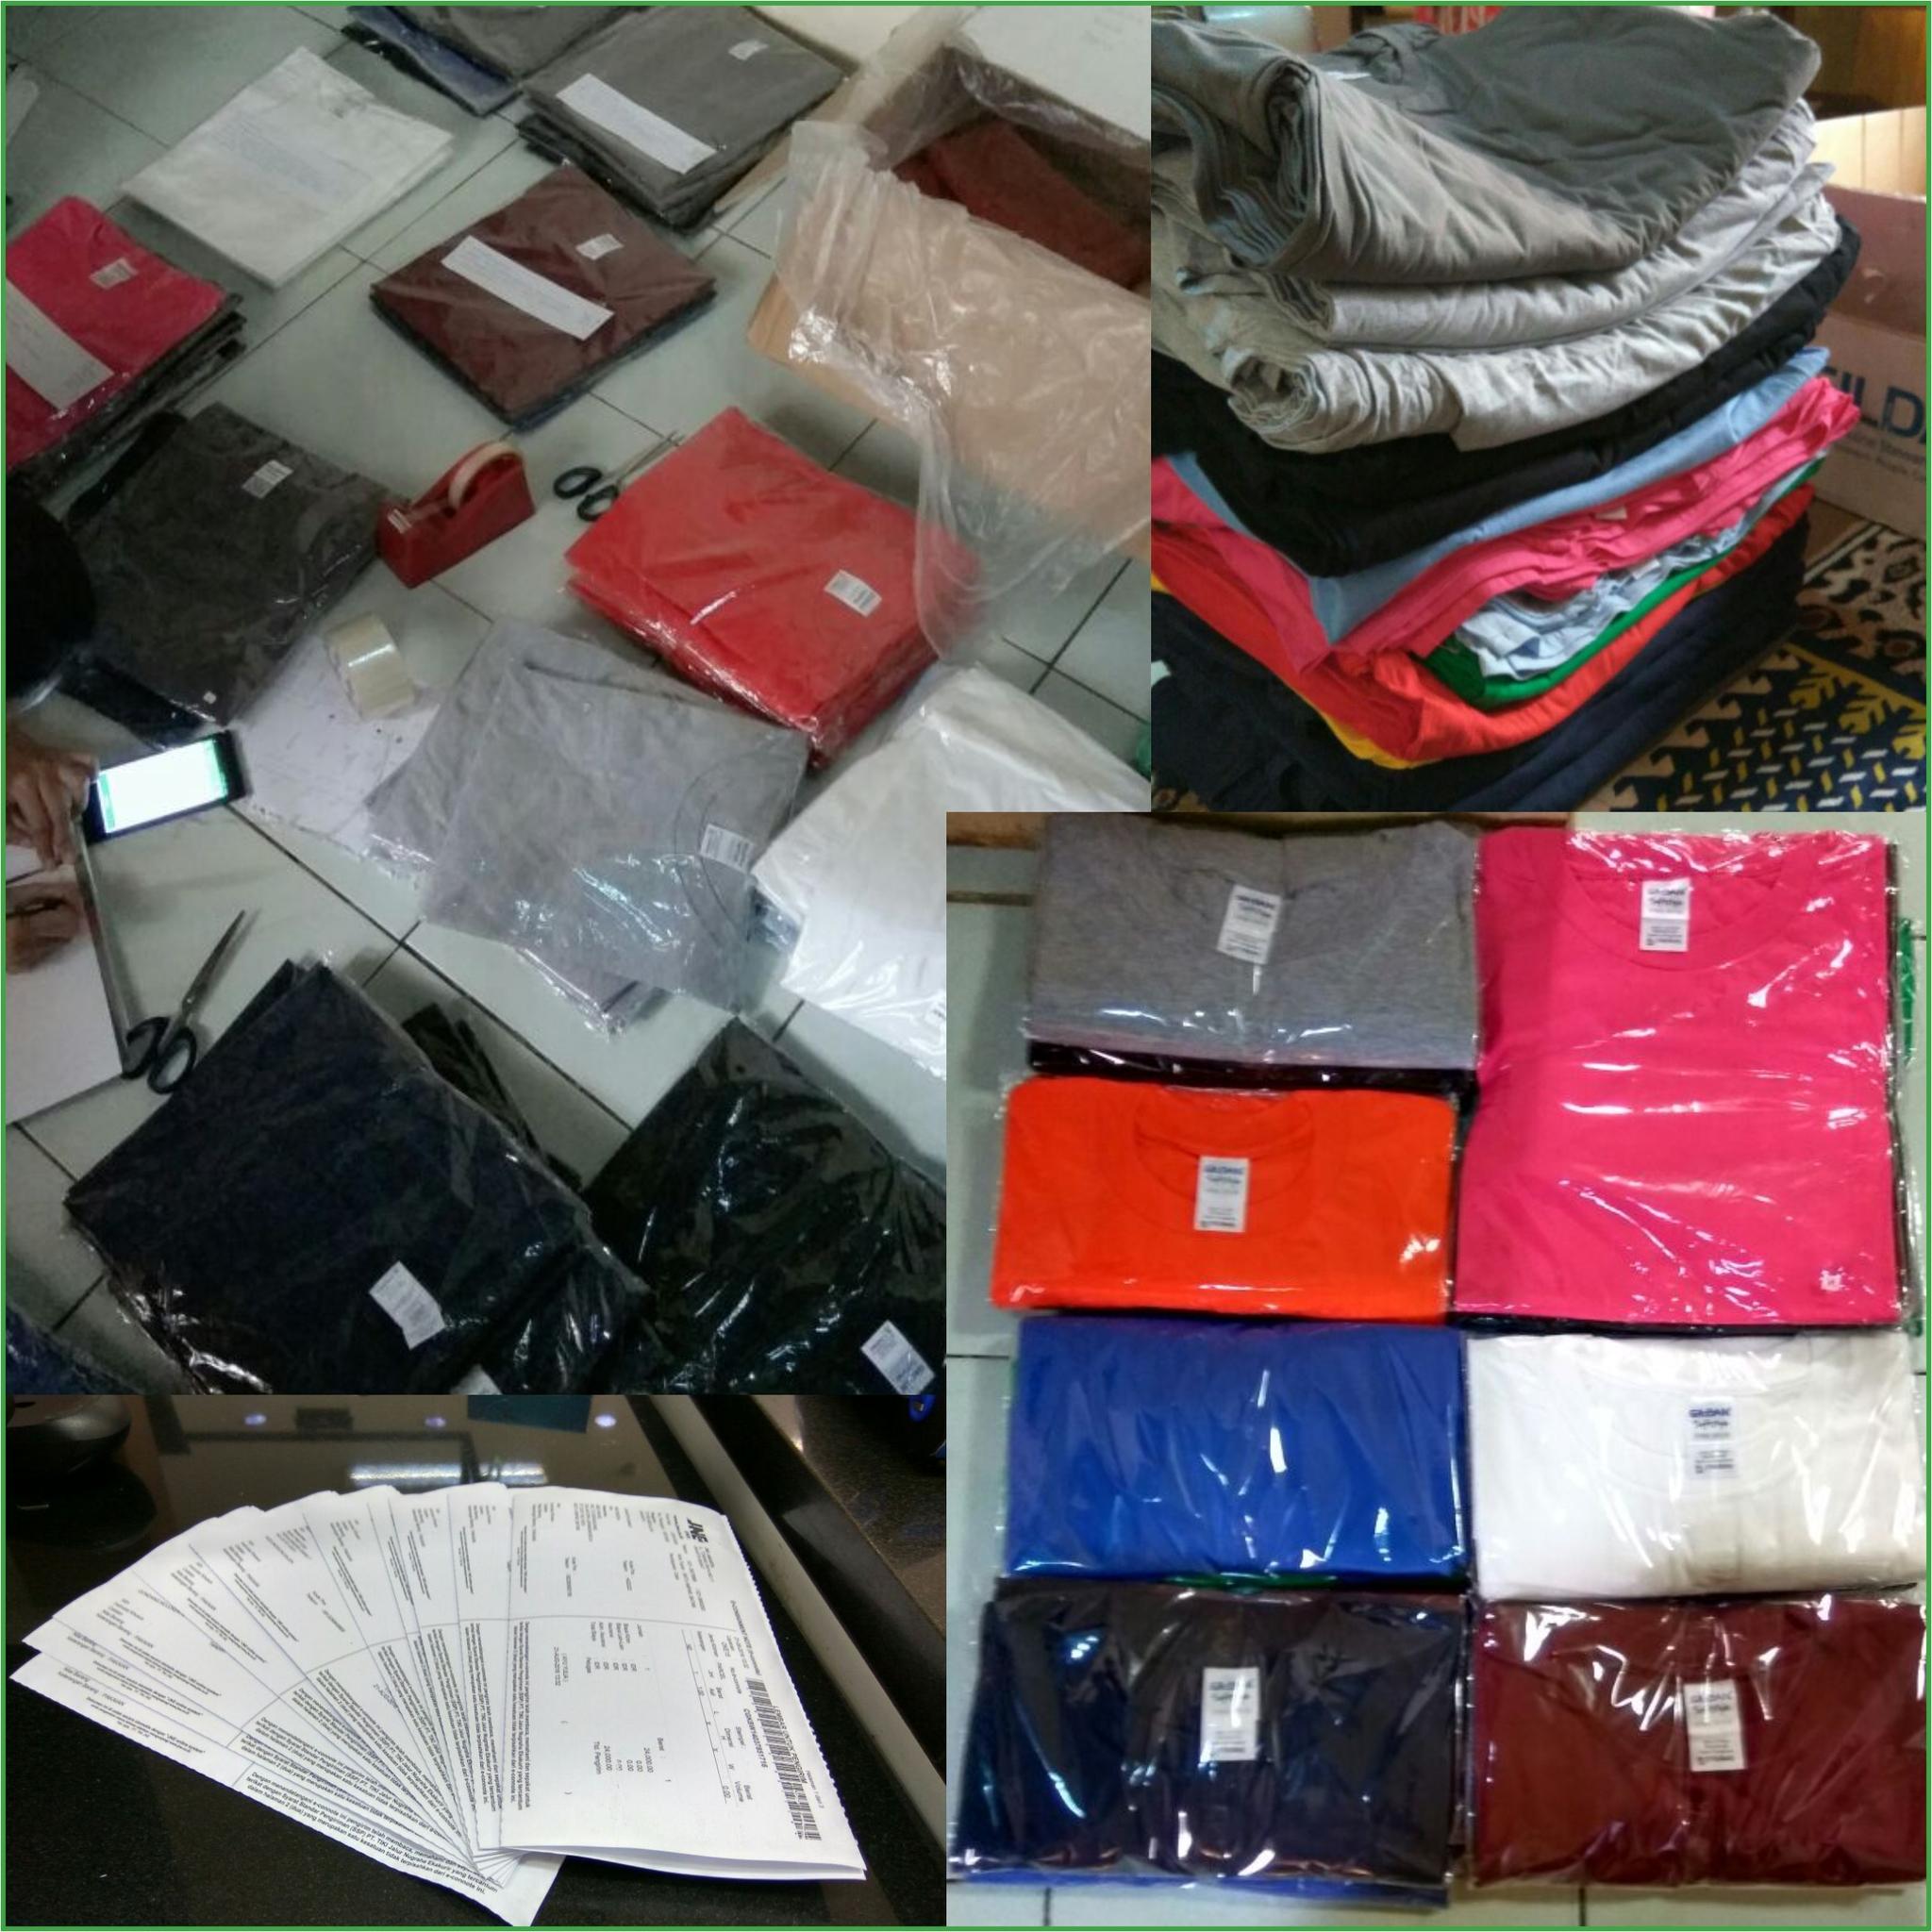 Gildan Softstyle 63000 Kaos Polos Caroline Blue7 Harga Original Xs S M L Xl Jual Ukuran Indonesia